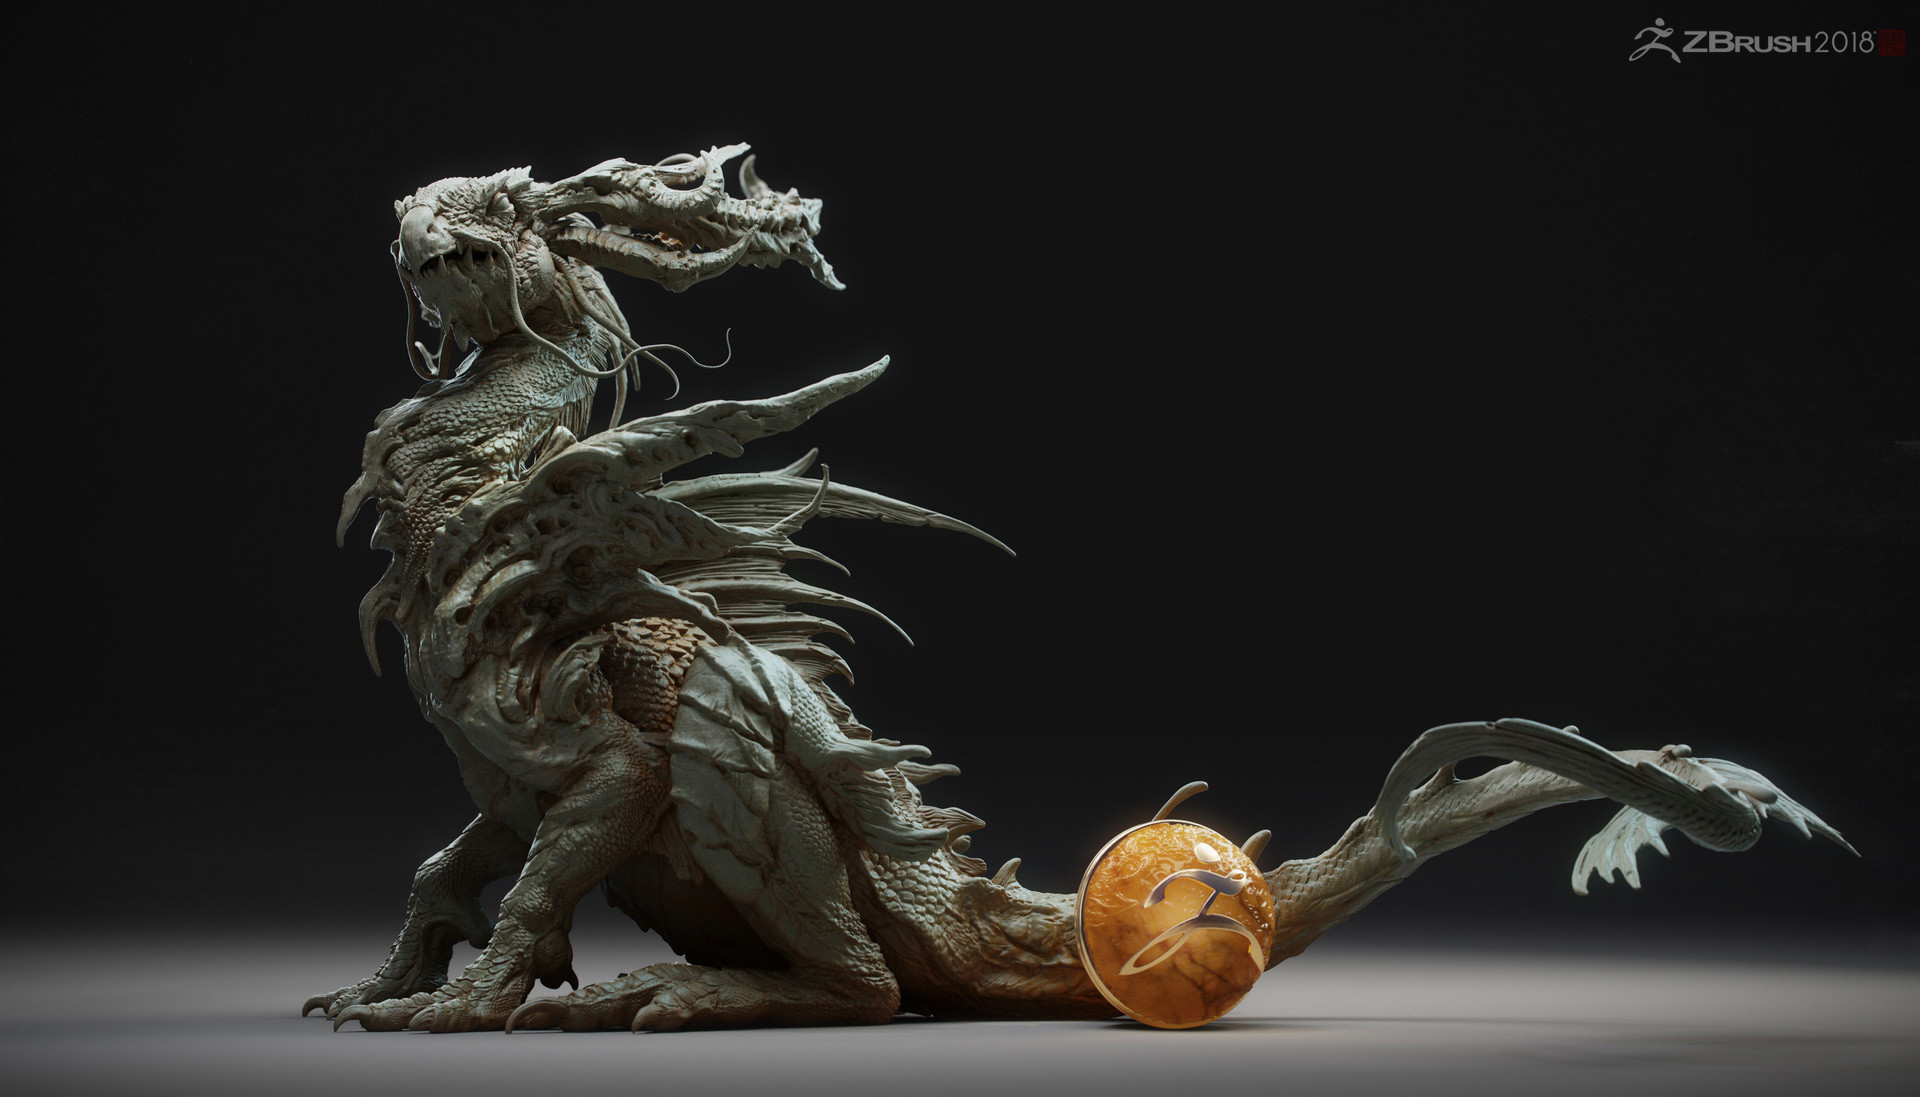 Zhelong xu the dragon ball003